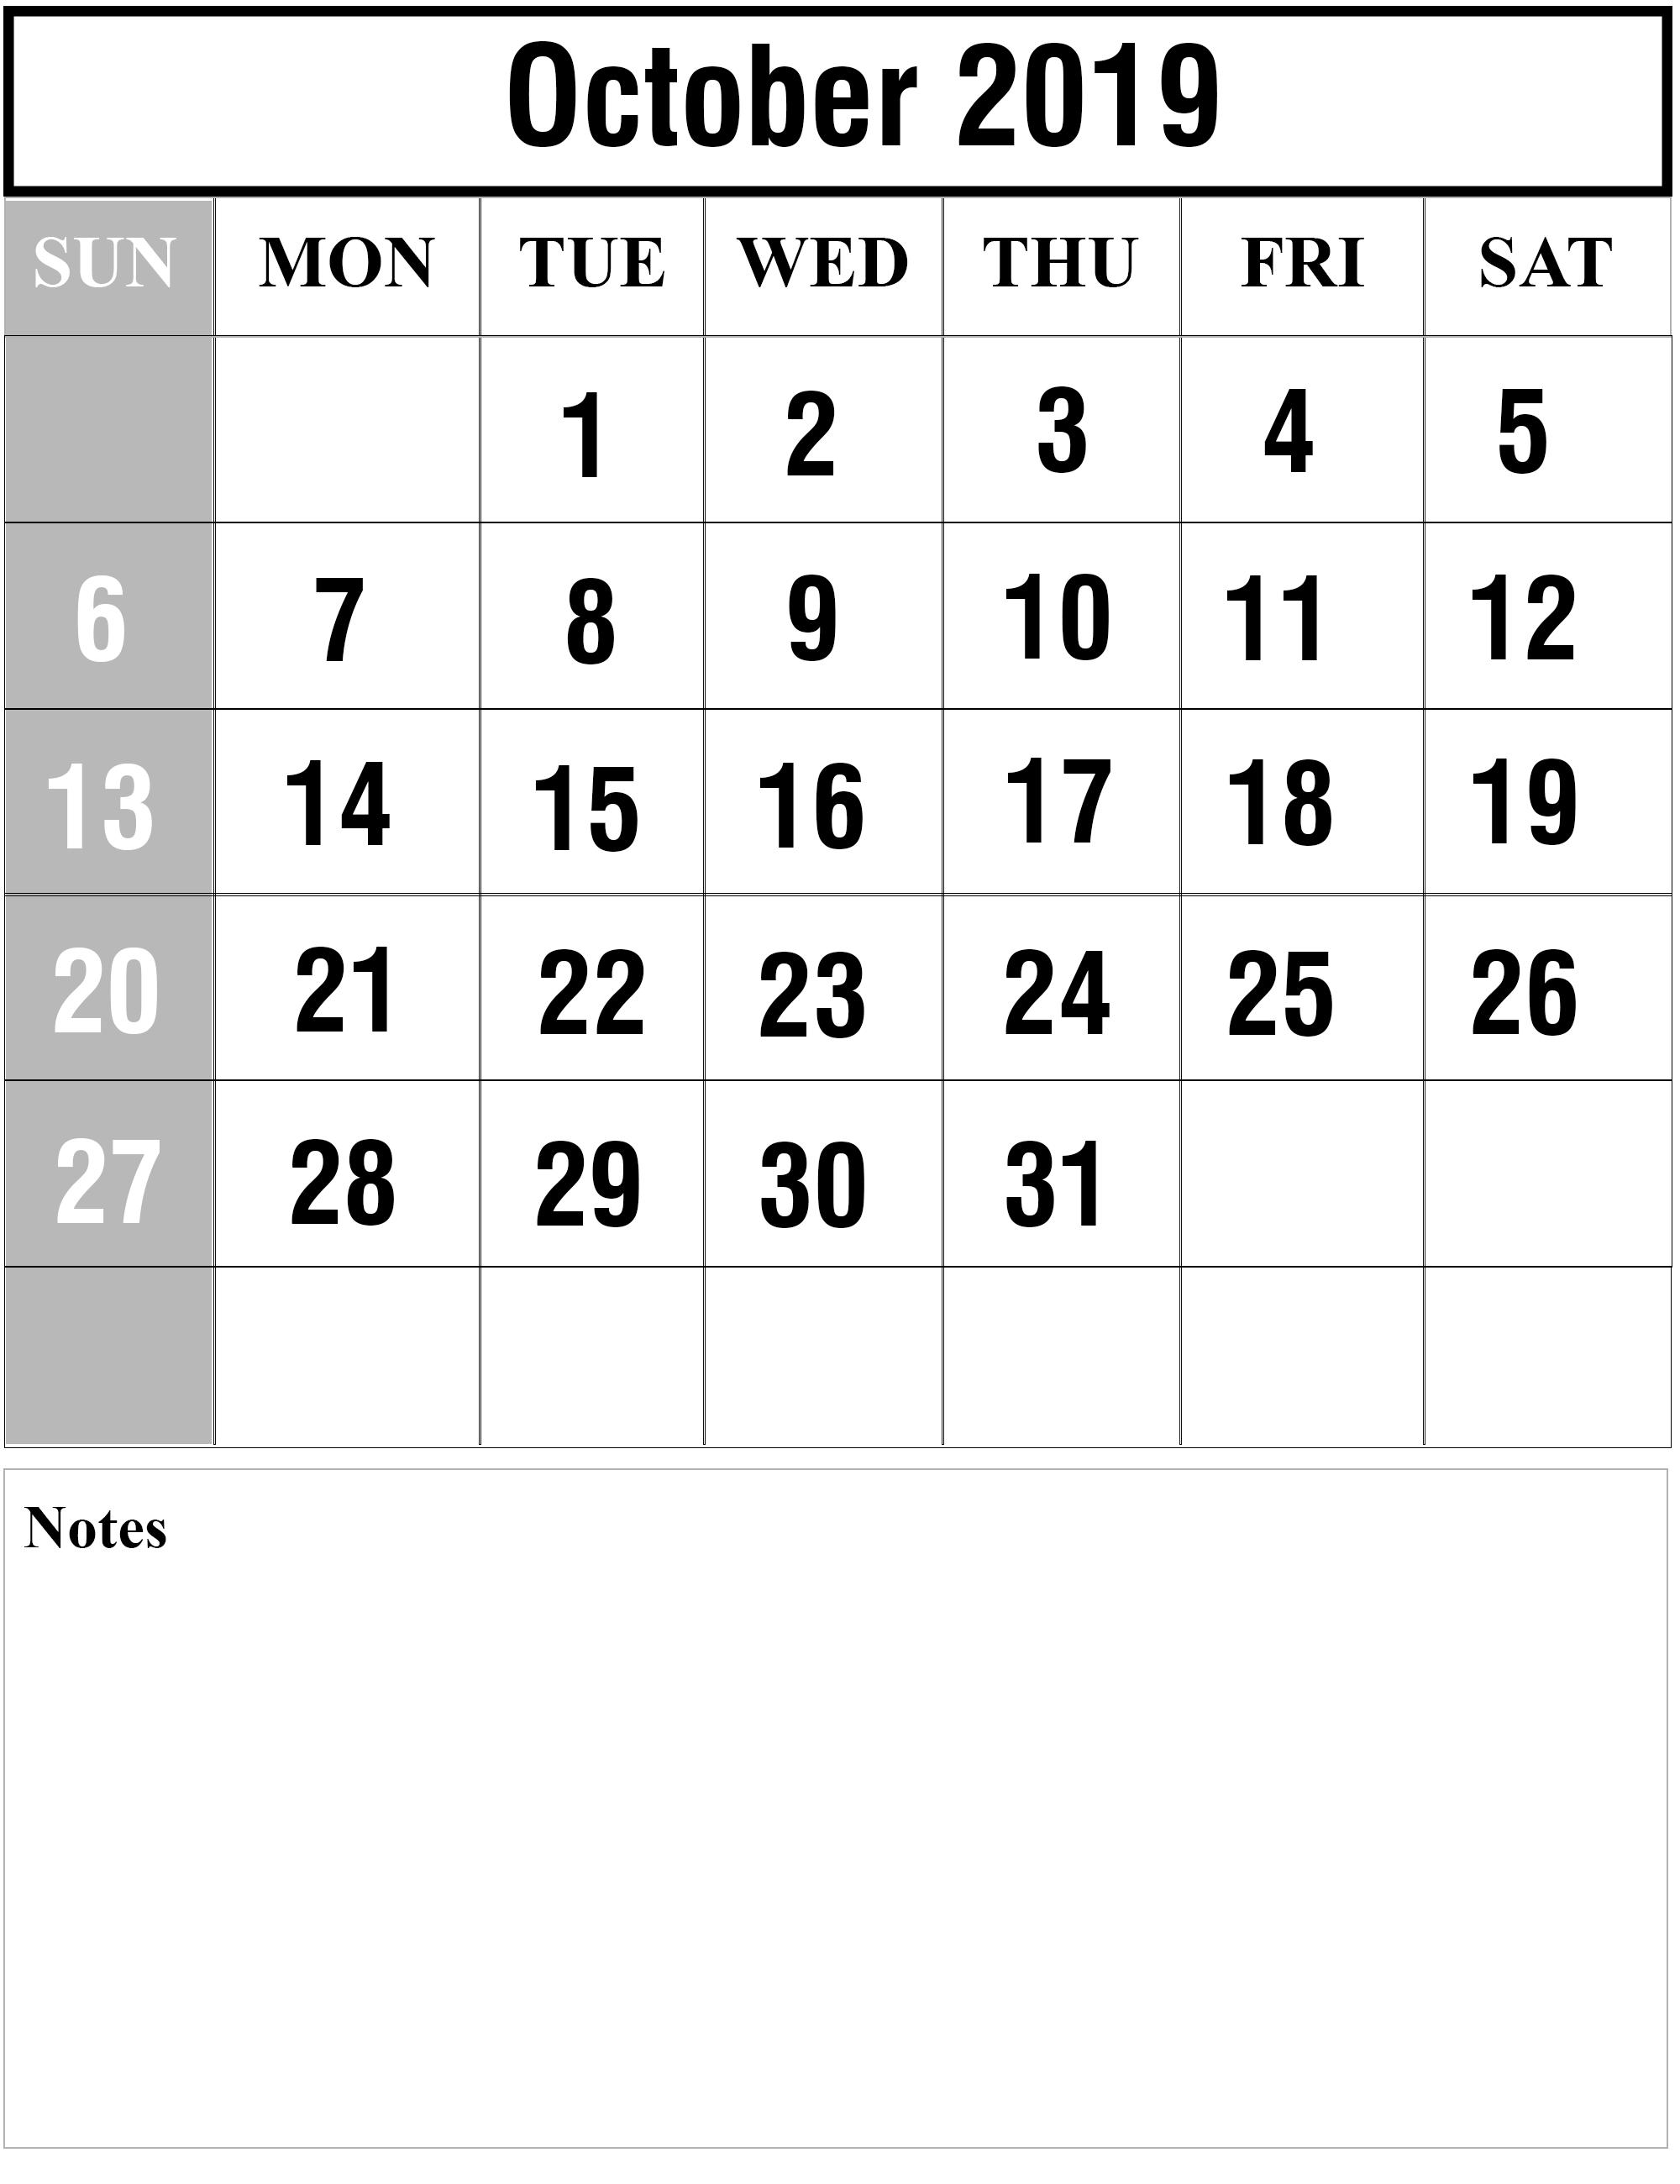 October 2019 Calendar Portrait October Oct2019 October2019 Octobercalendar2019 2019calendars Calendar 2019 Printable July Calendar Calendar Template